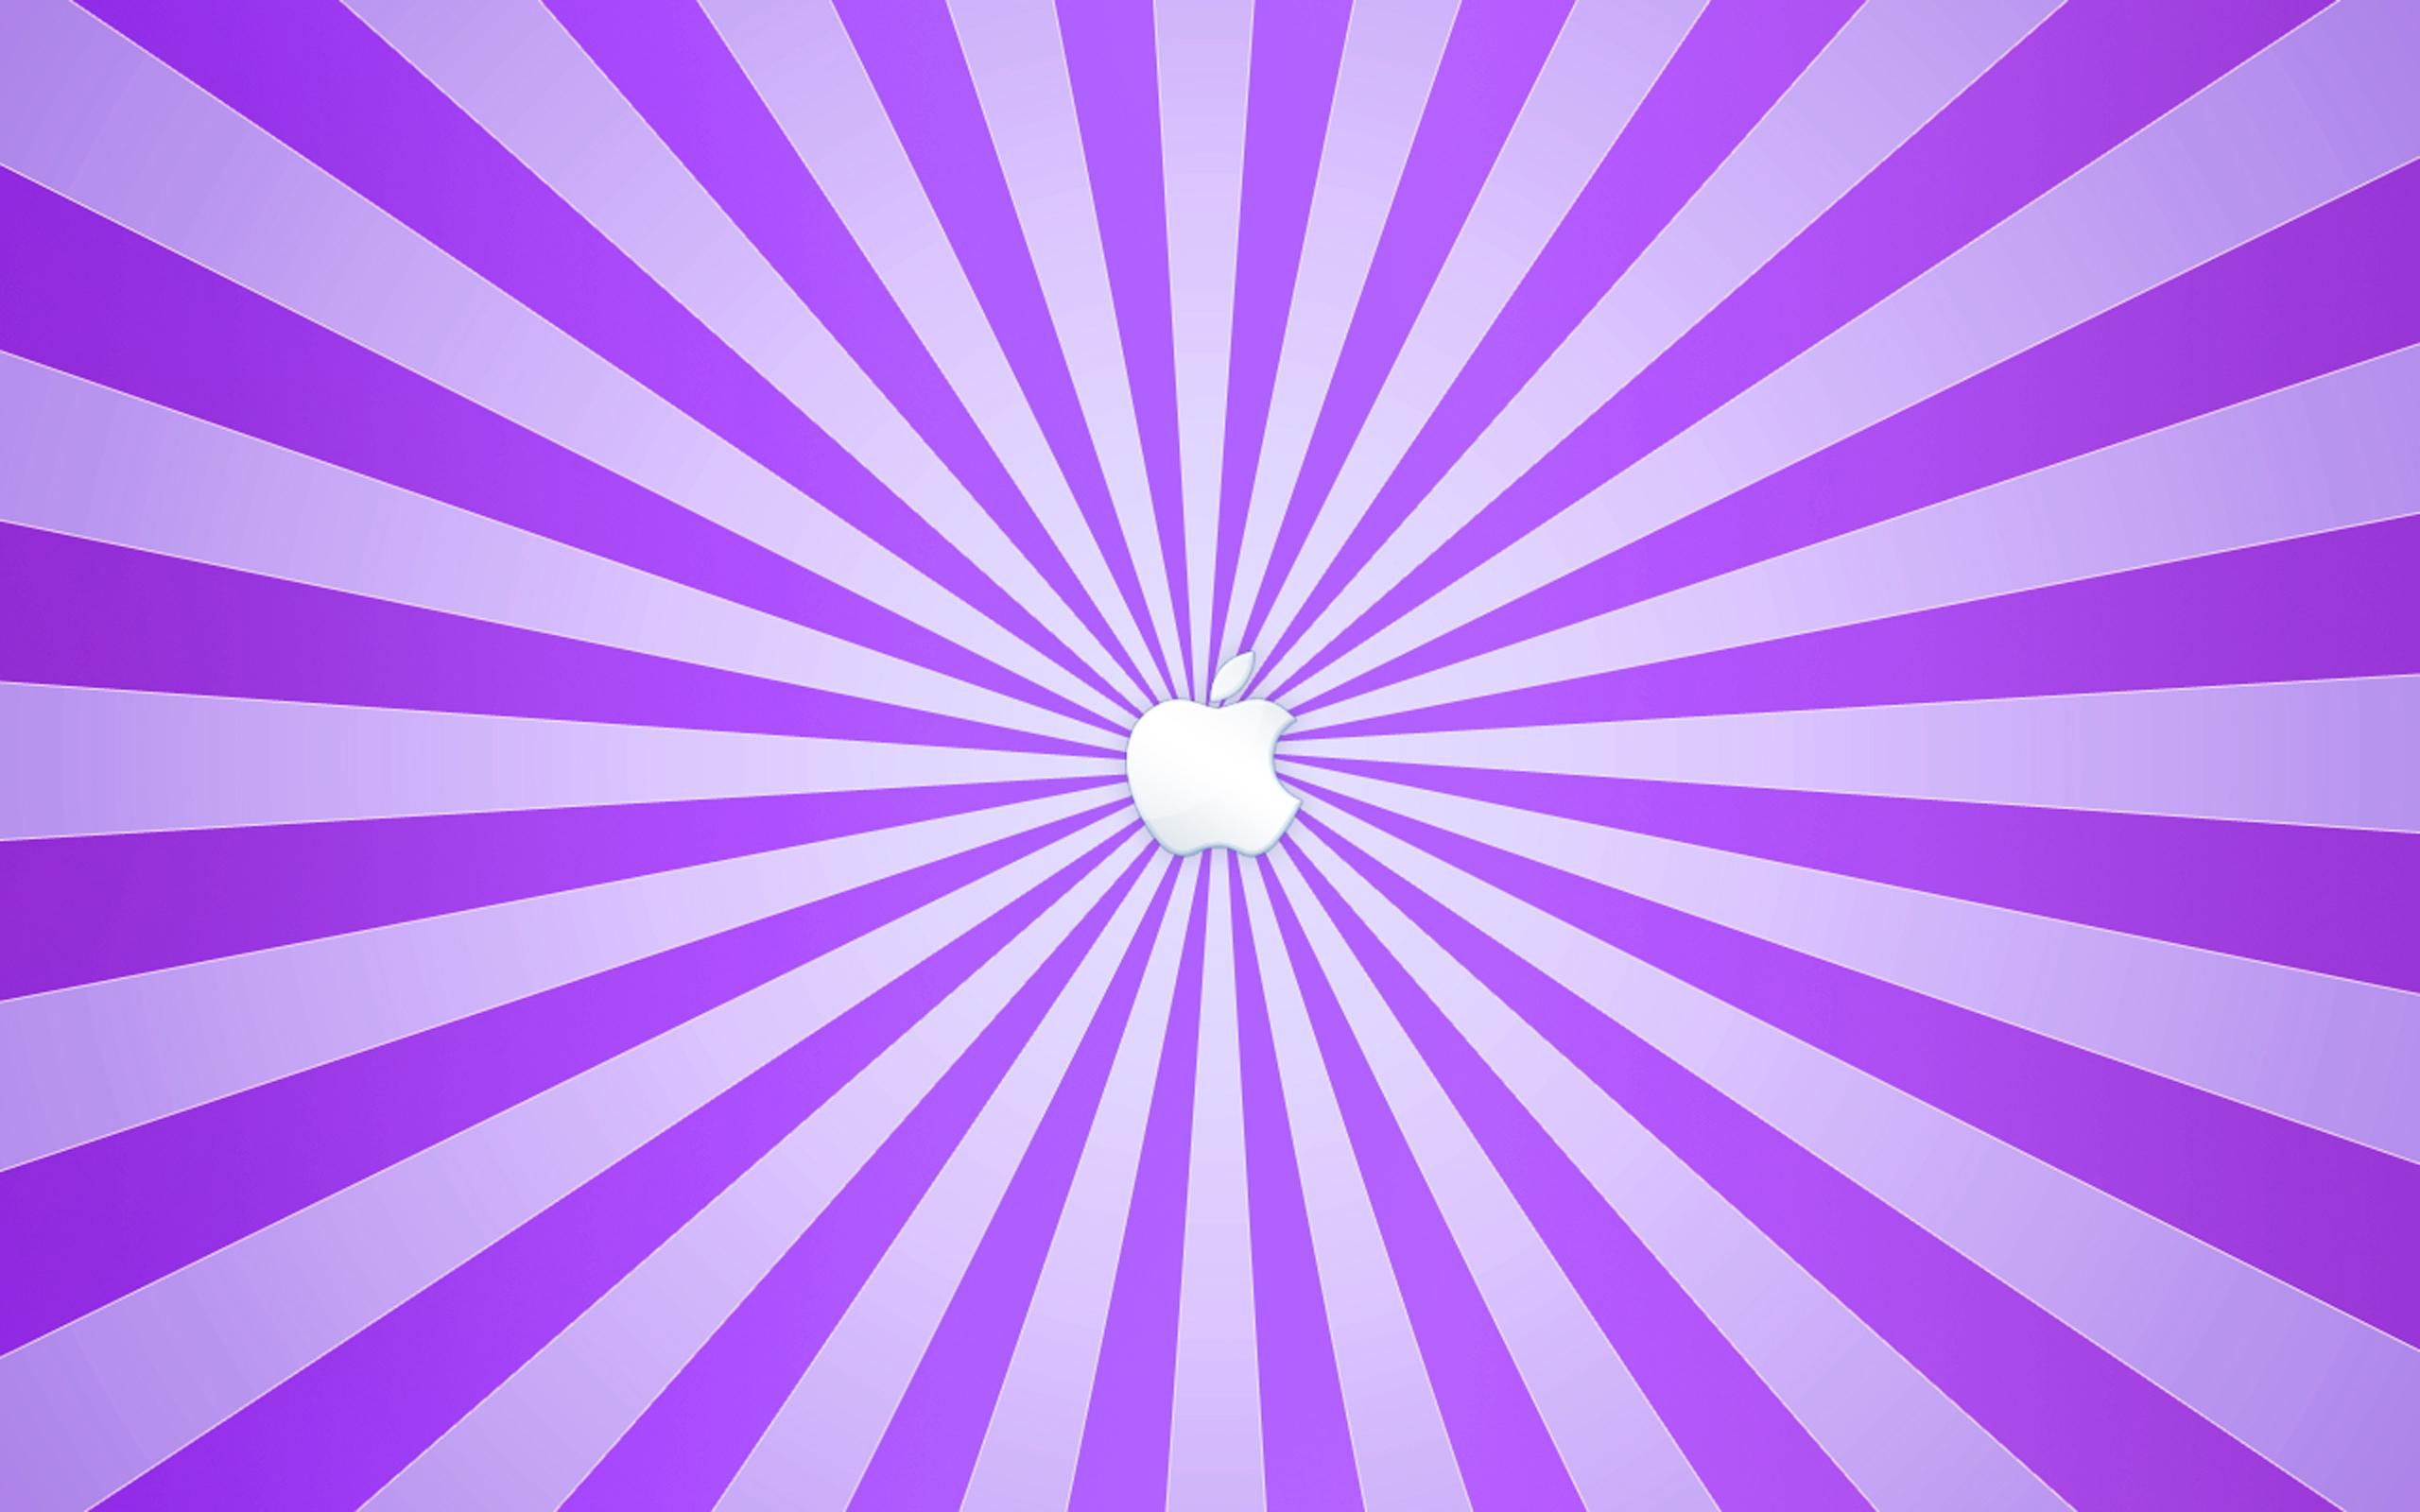 Sfondi Illustrazione Viola Simmetria Modello Cerchio Vettore